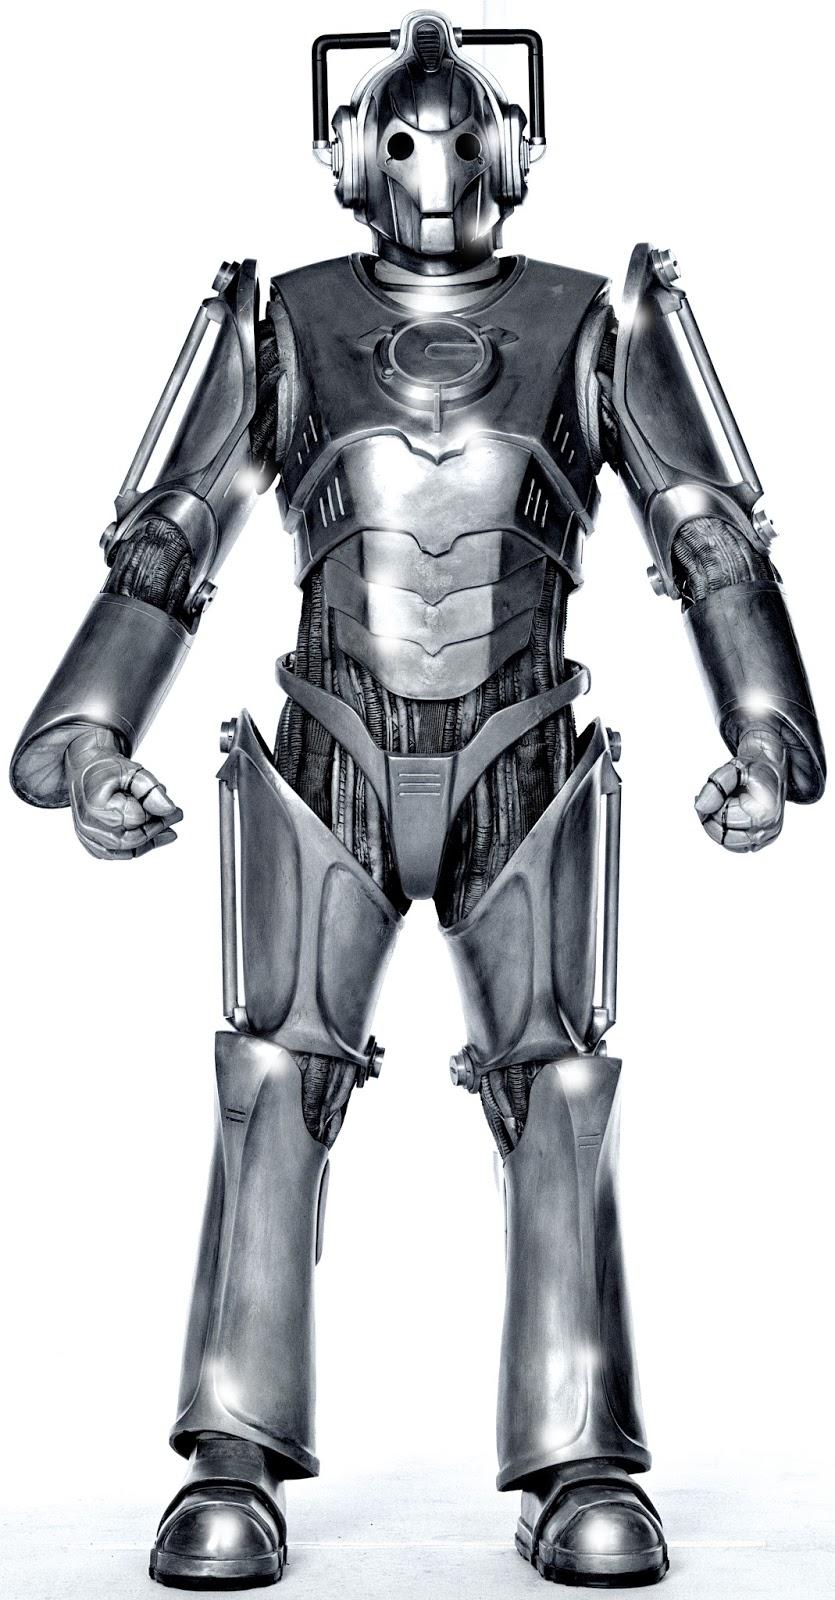 Cyberman_1.jpg